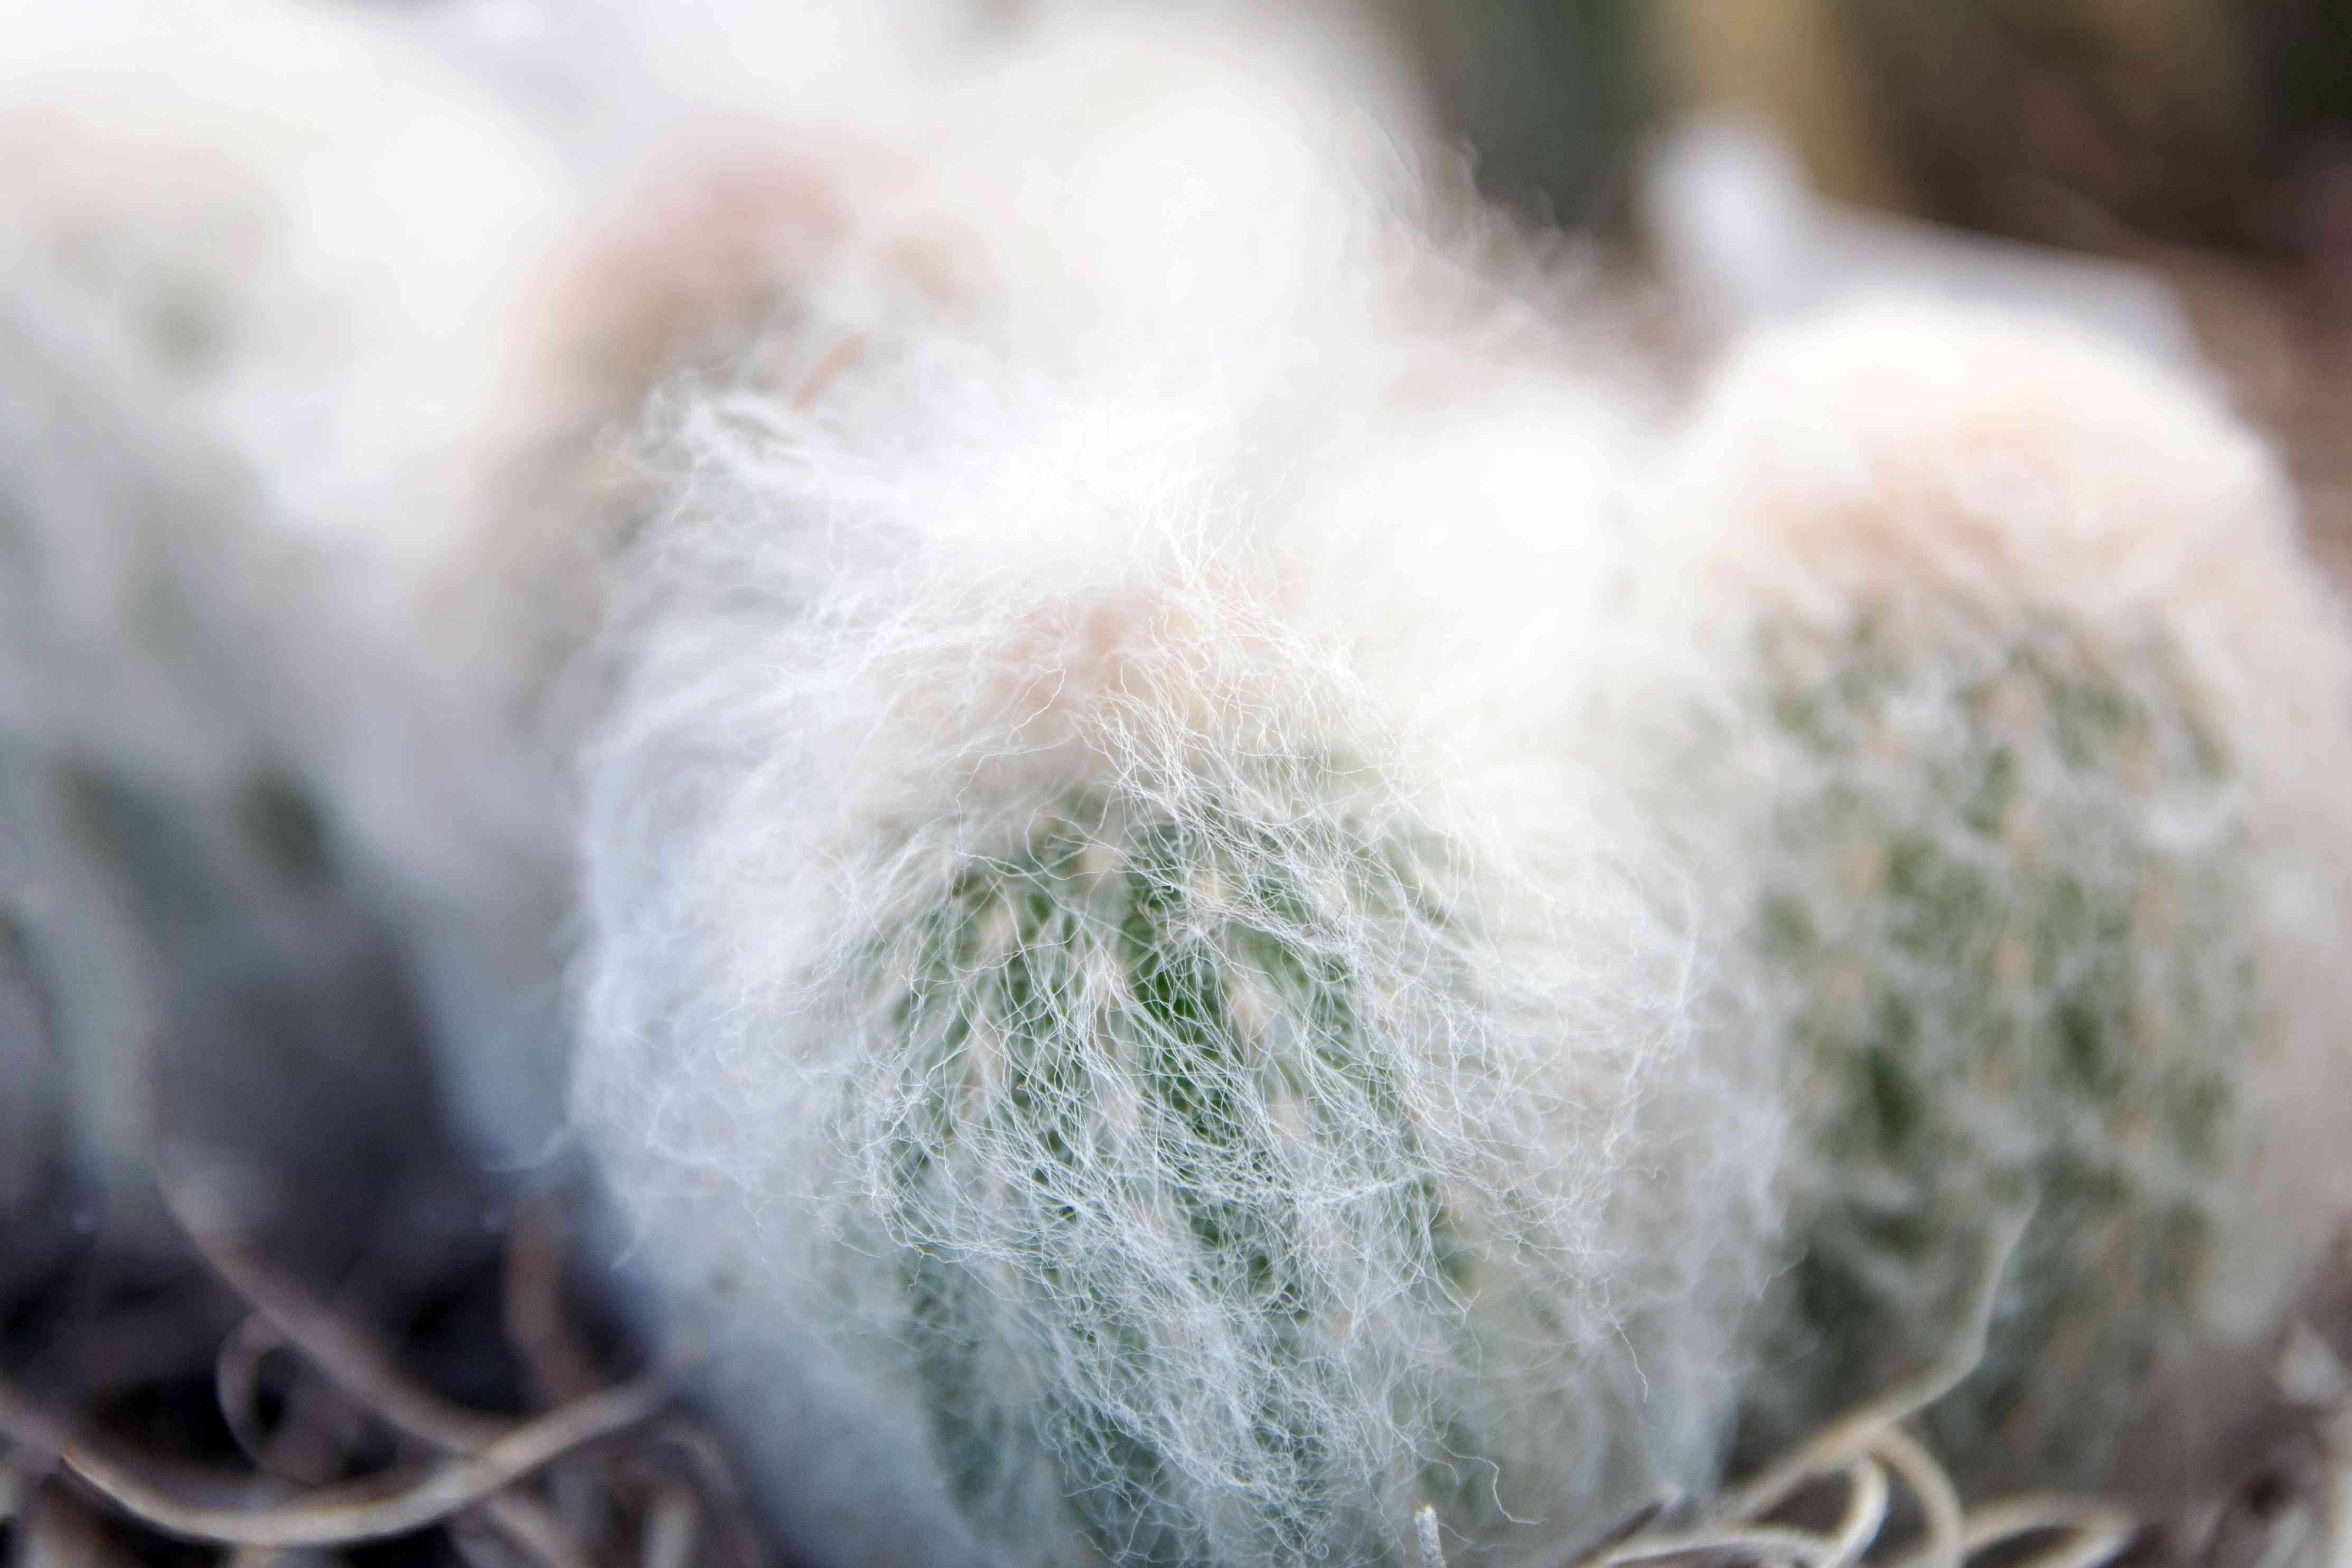 Mammillaria plumosa cactus